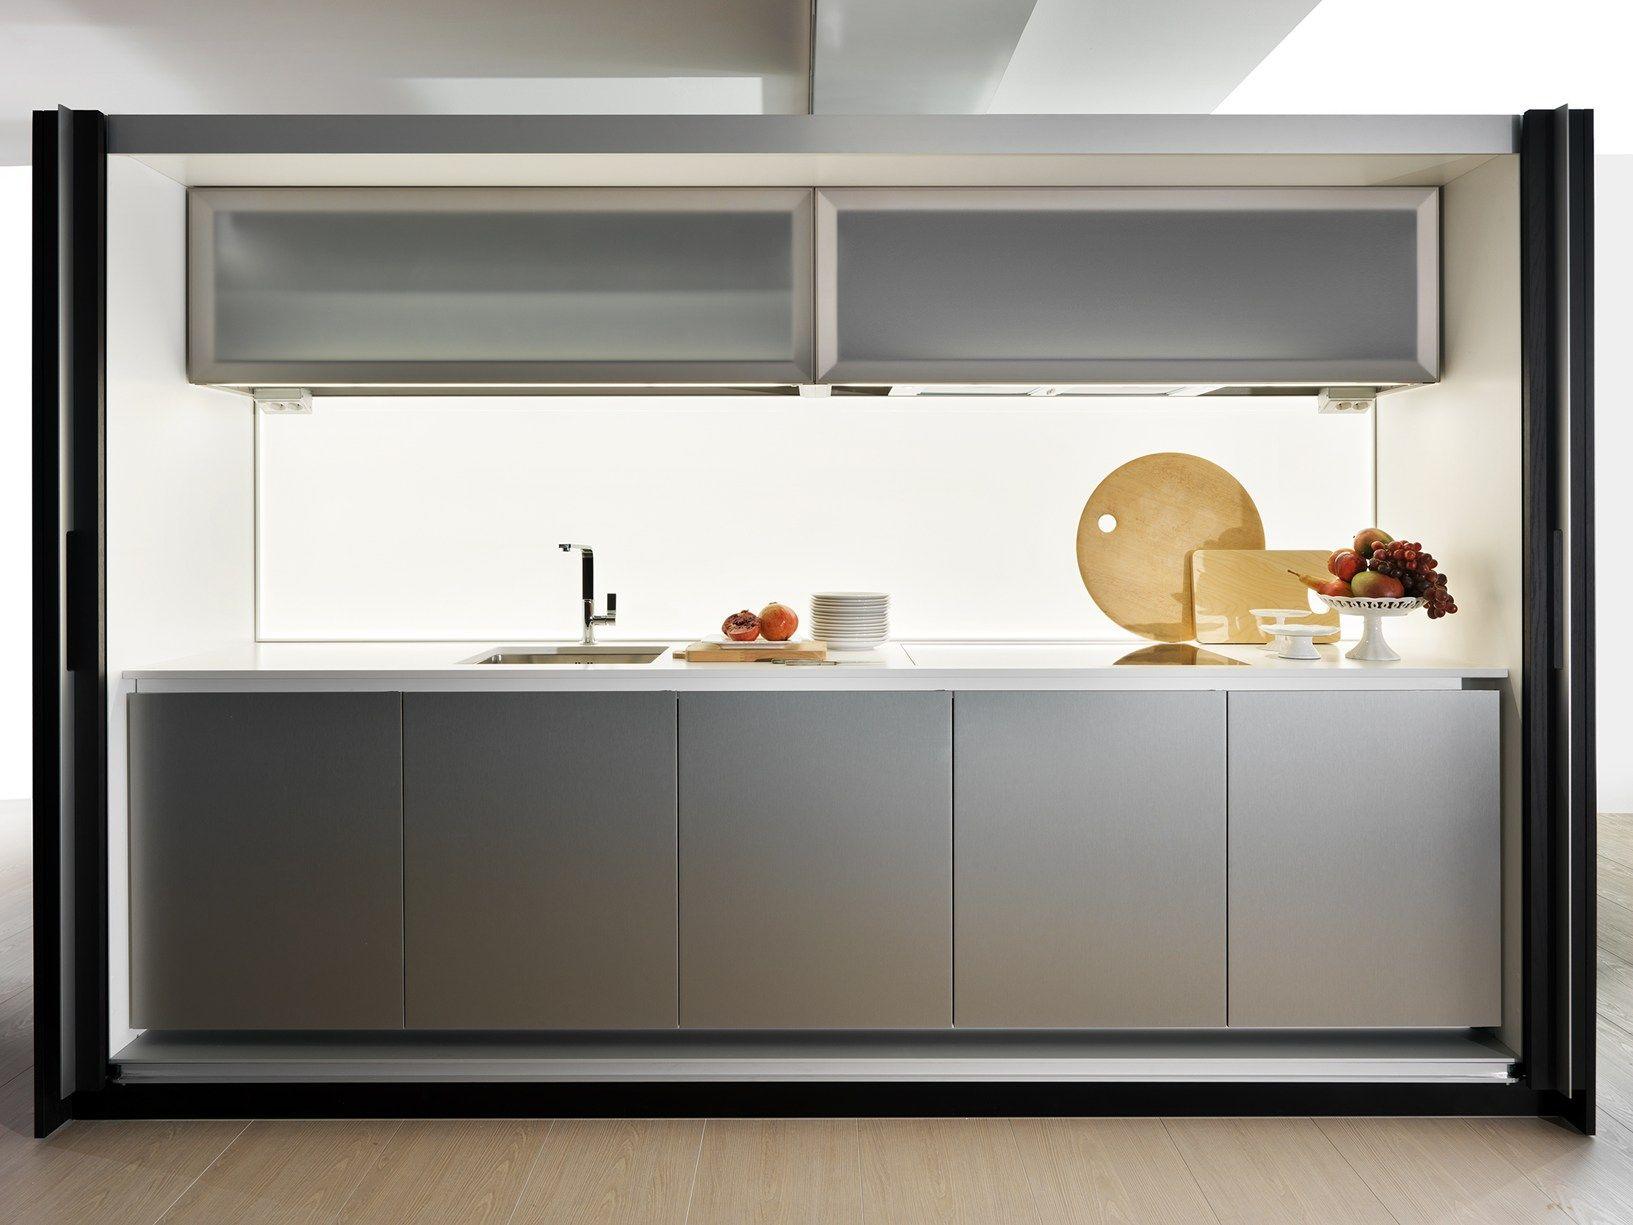 le nuove collezioni dada per interpretare lo spazio cucina. Black Bedroom Furniture Sets. Home Design Ideas